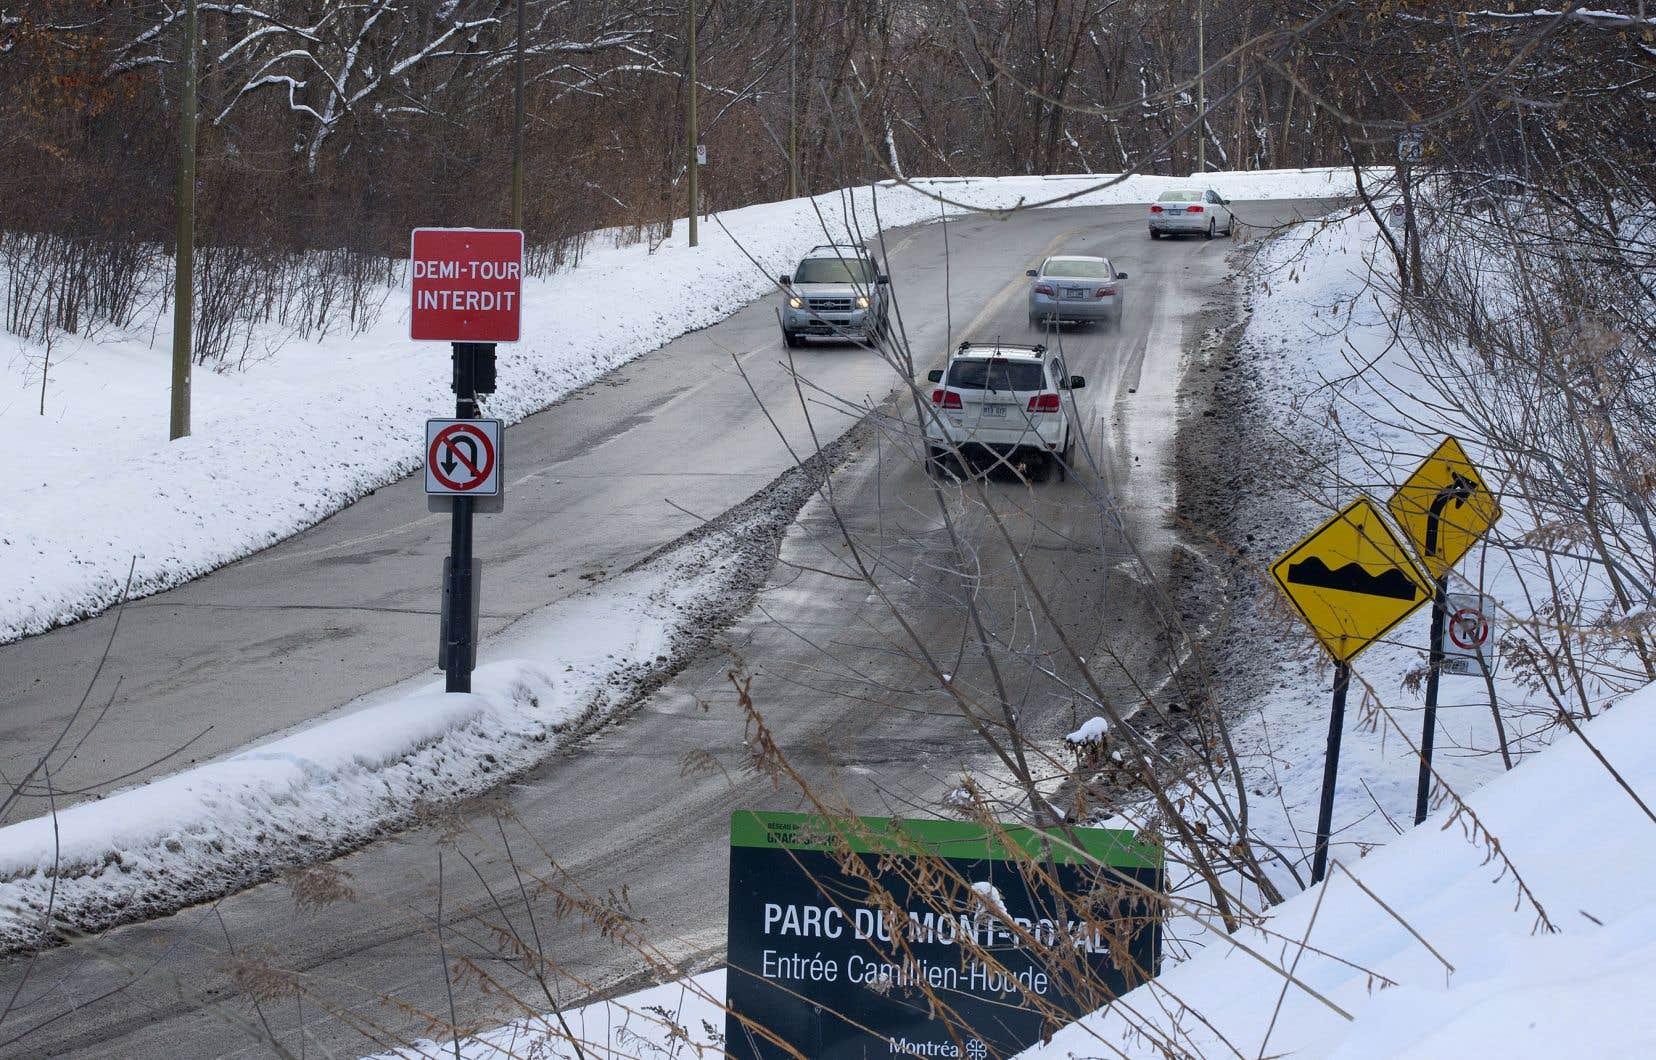 L'Office de consultation publique de Montréal a constaté que 58,7% des répondants considéraient que la tenue du projet-pilote interdisant la circulation de transit était une «très mauvaise idée».